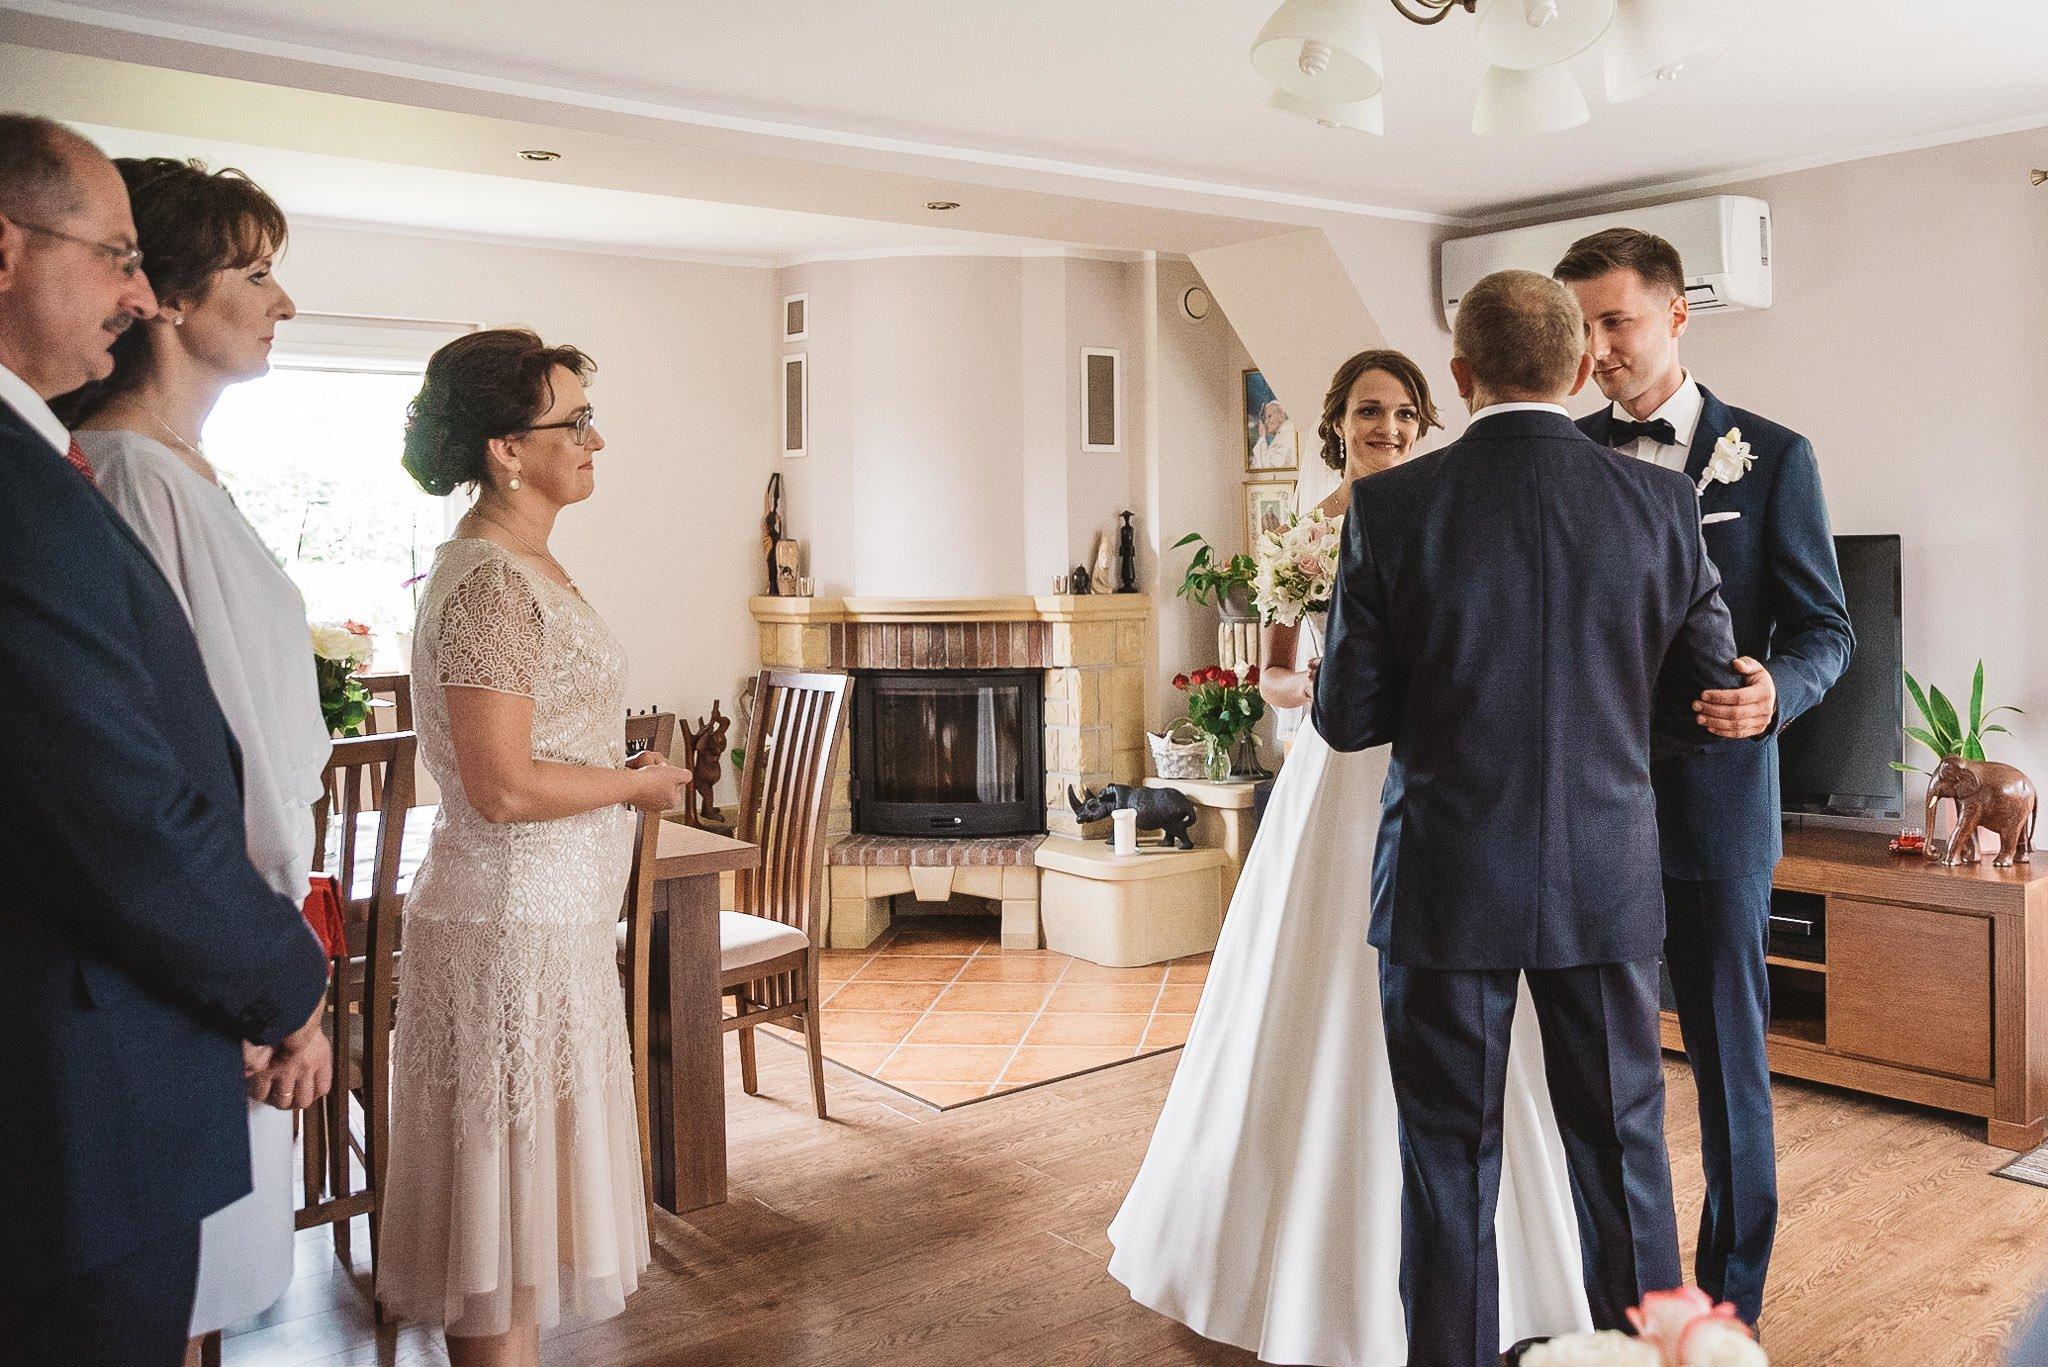 Monika i Michał, wesele w Paryżu i sesja plenerowa w stadninie koni w Czołowie 55